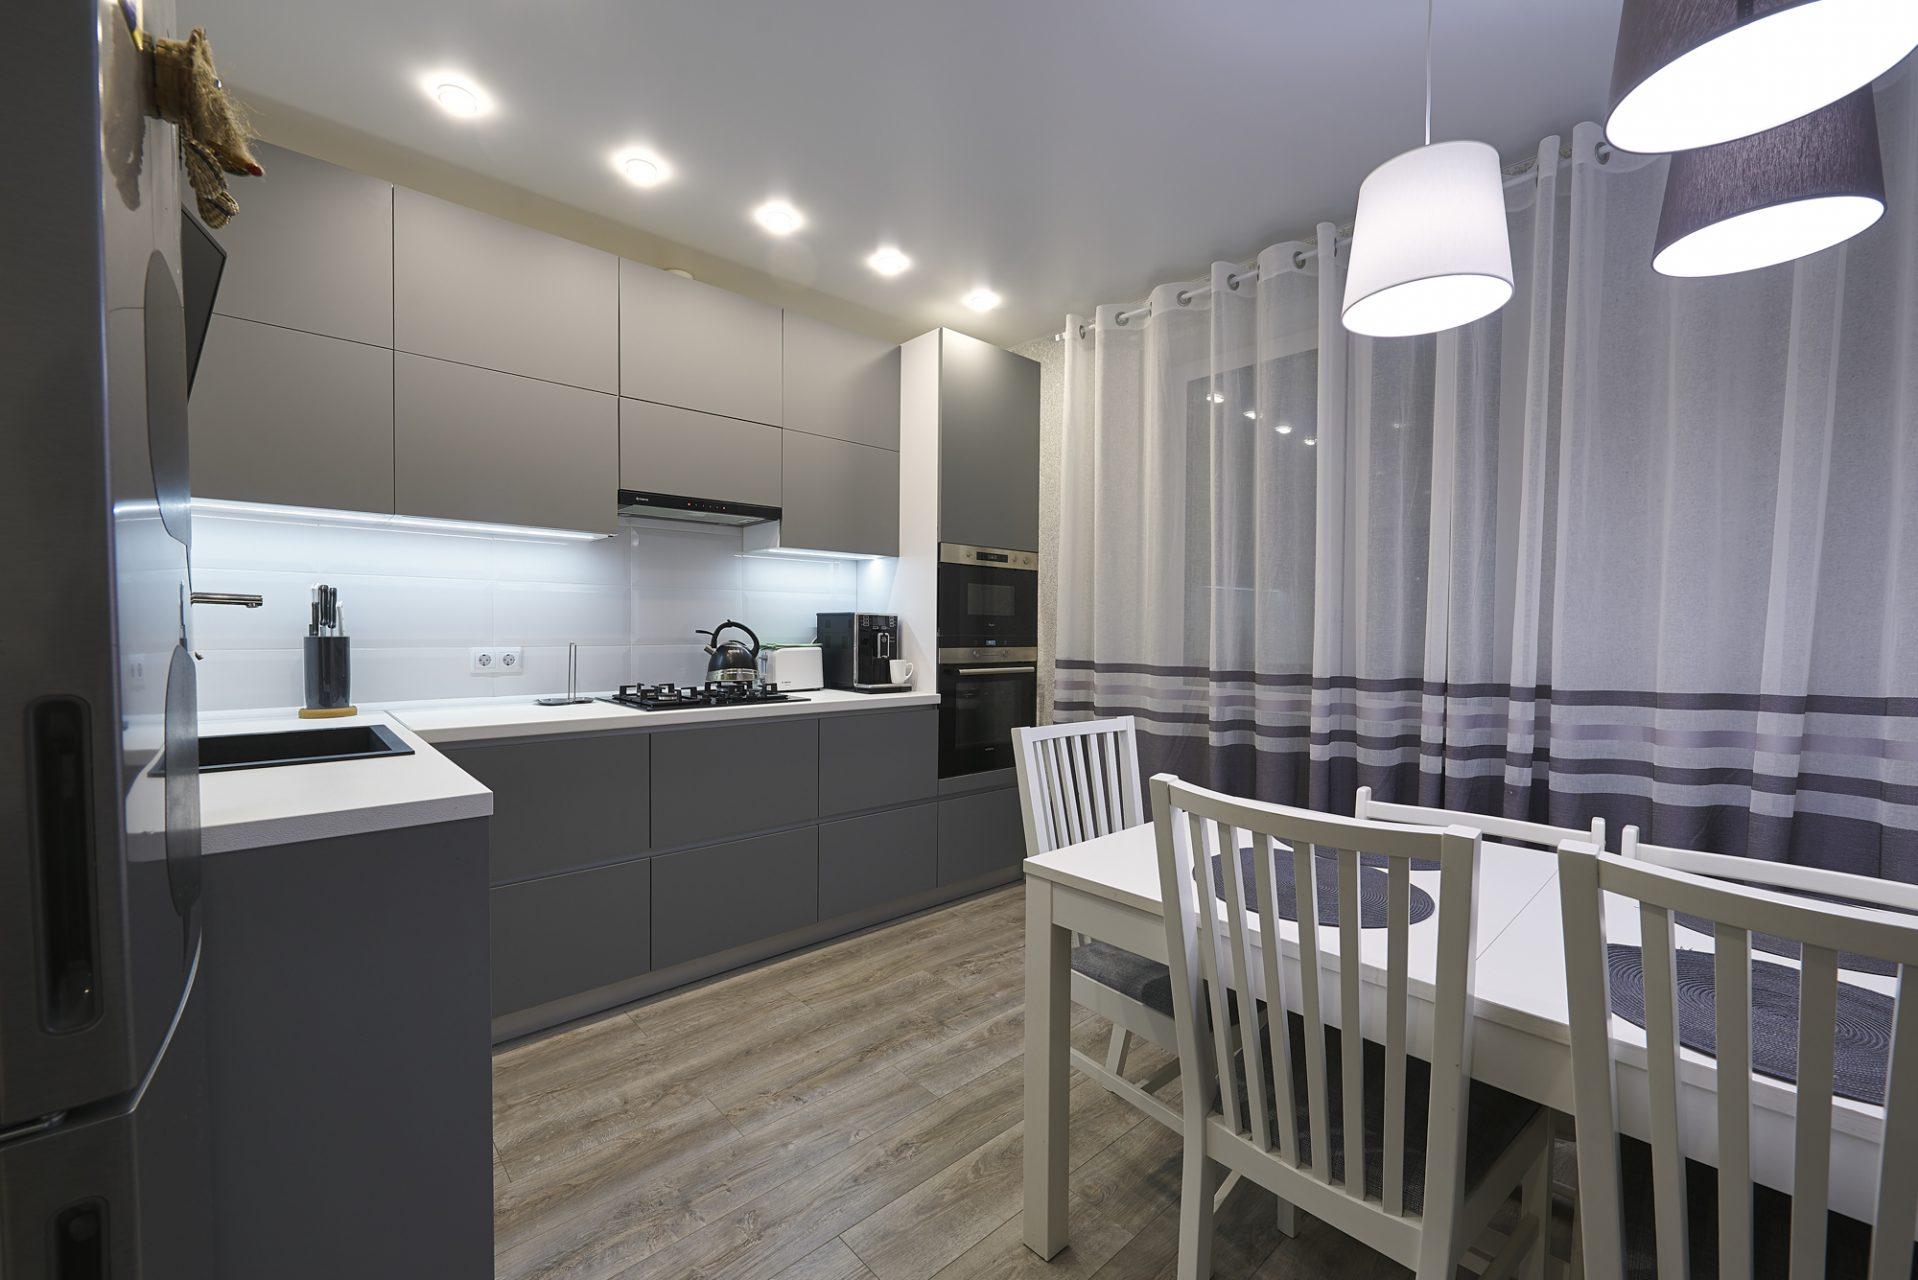 004_interior_kitchen5_korneychikeu